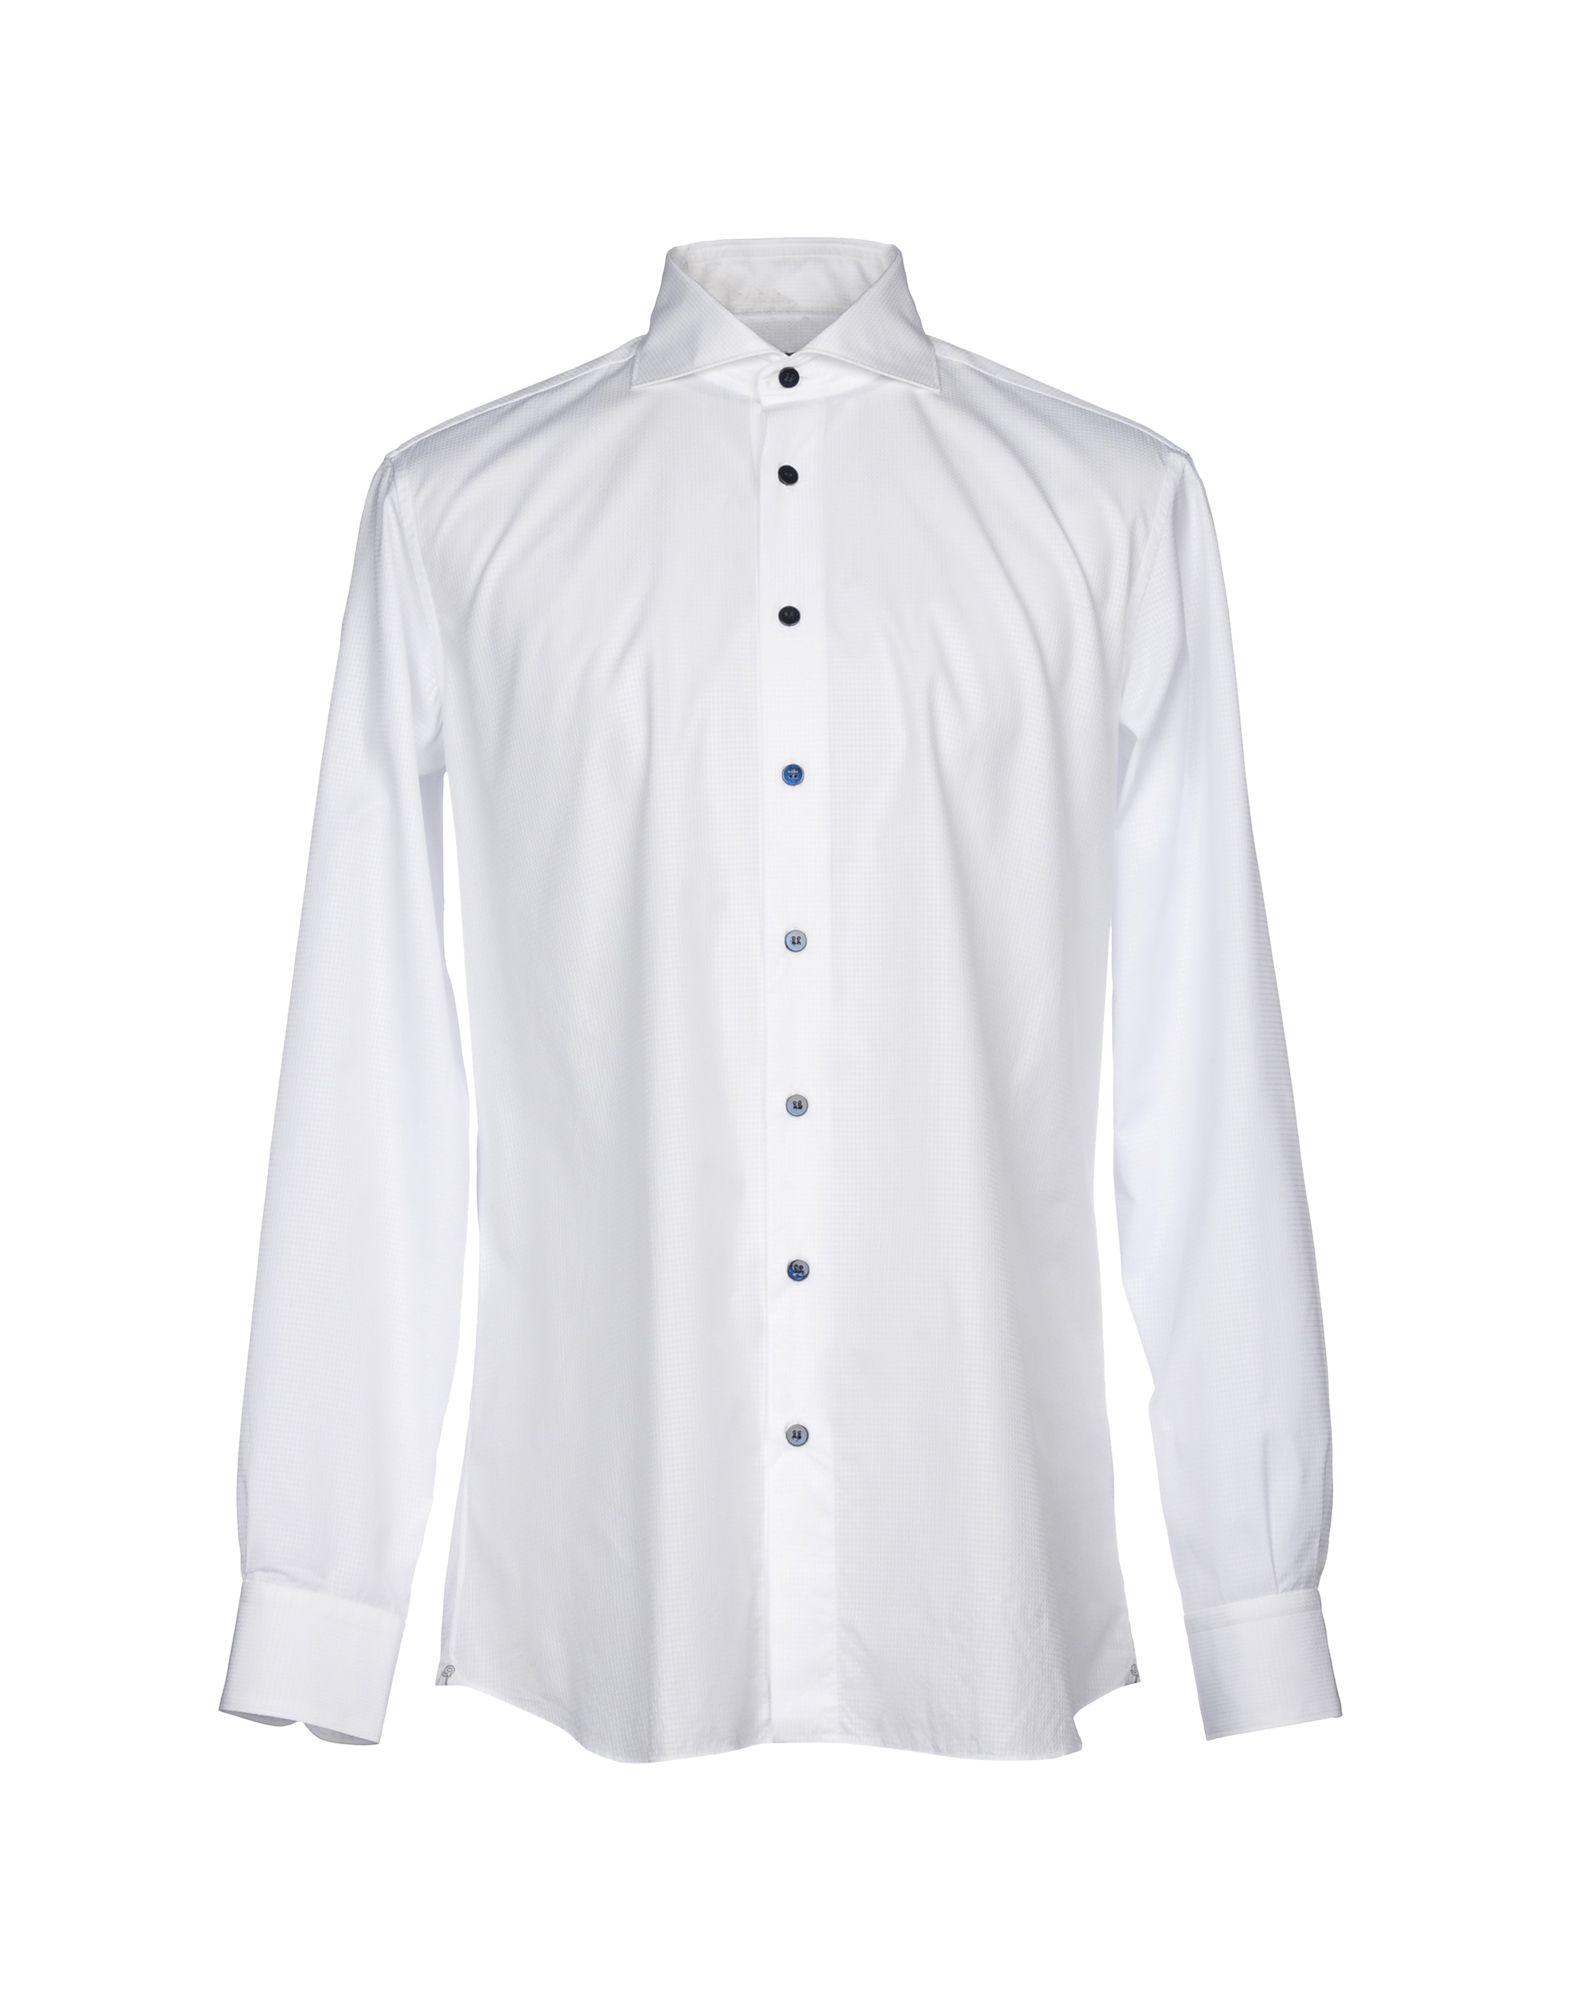 Camicia Tinta Unita Gerlin Uomo - 38741540WK 38741540WK - 3e79d3